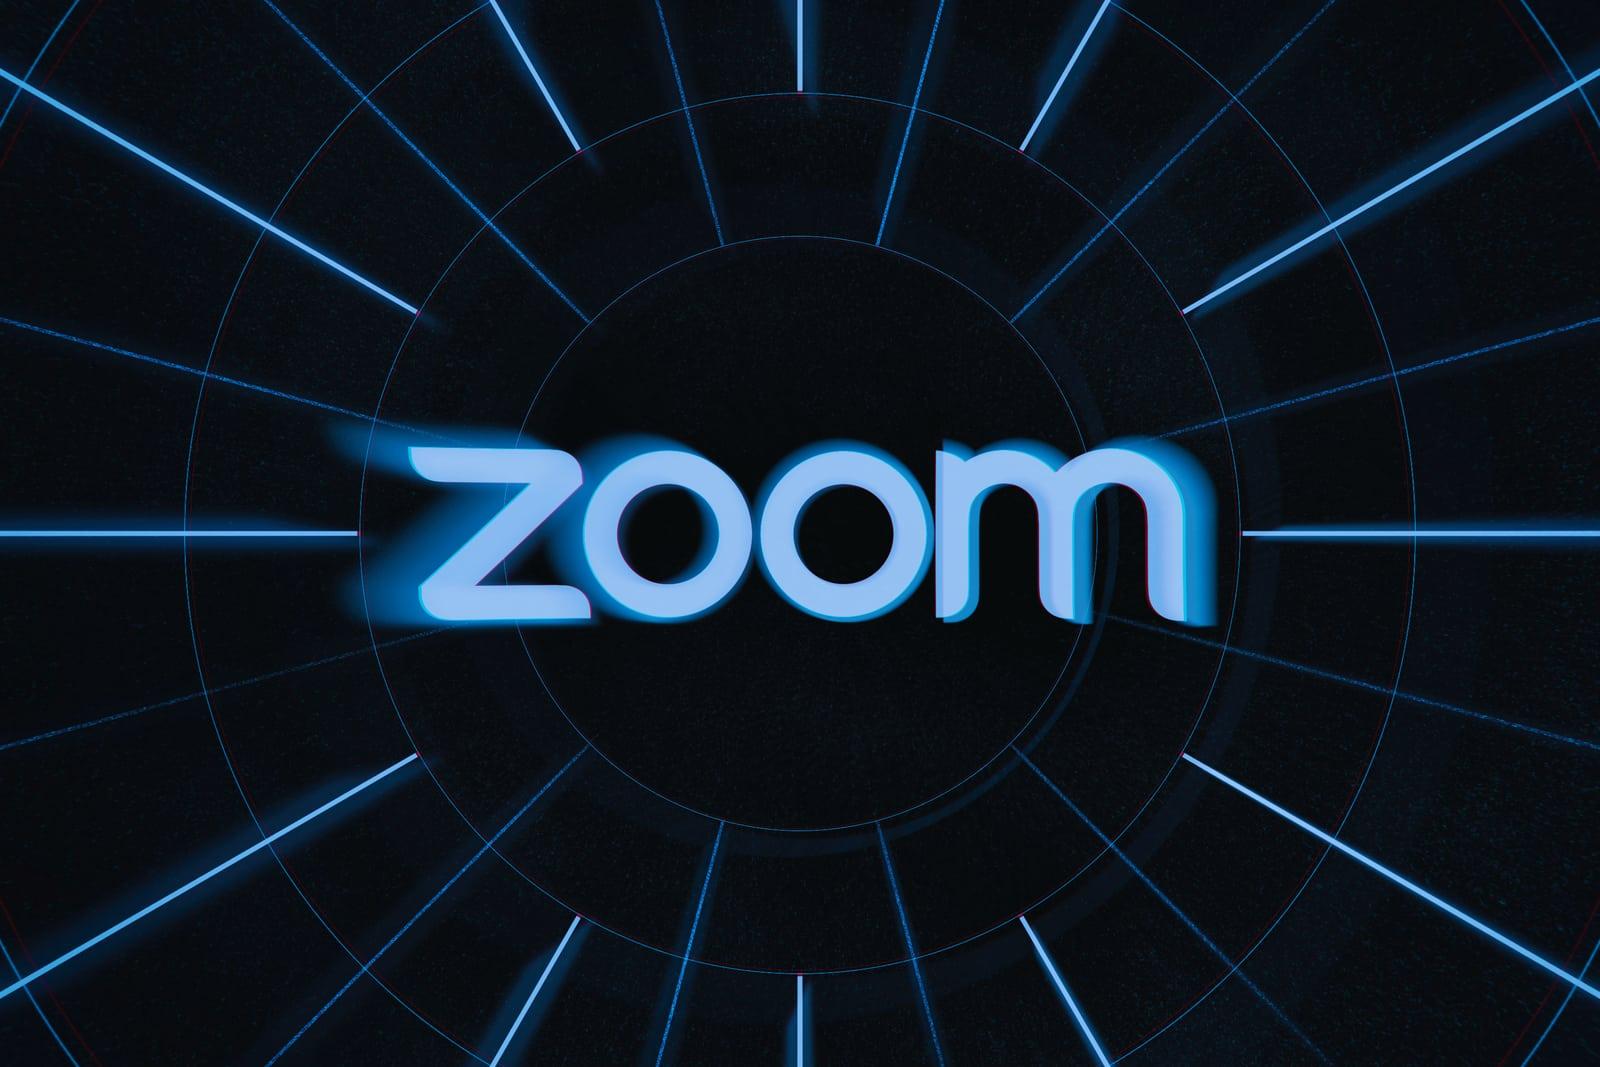 Zoom: cho người dùng trả phí lựa chọn trung tâm dữ liệu sẽ định tuyến và xử lý cuộc gọi của họ